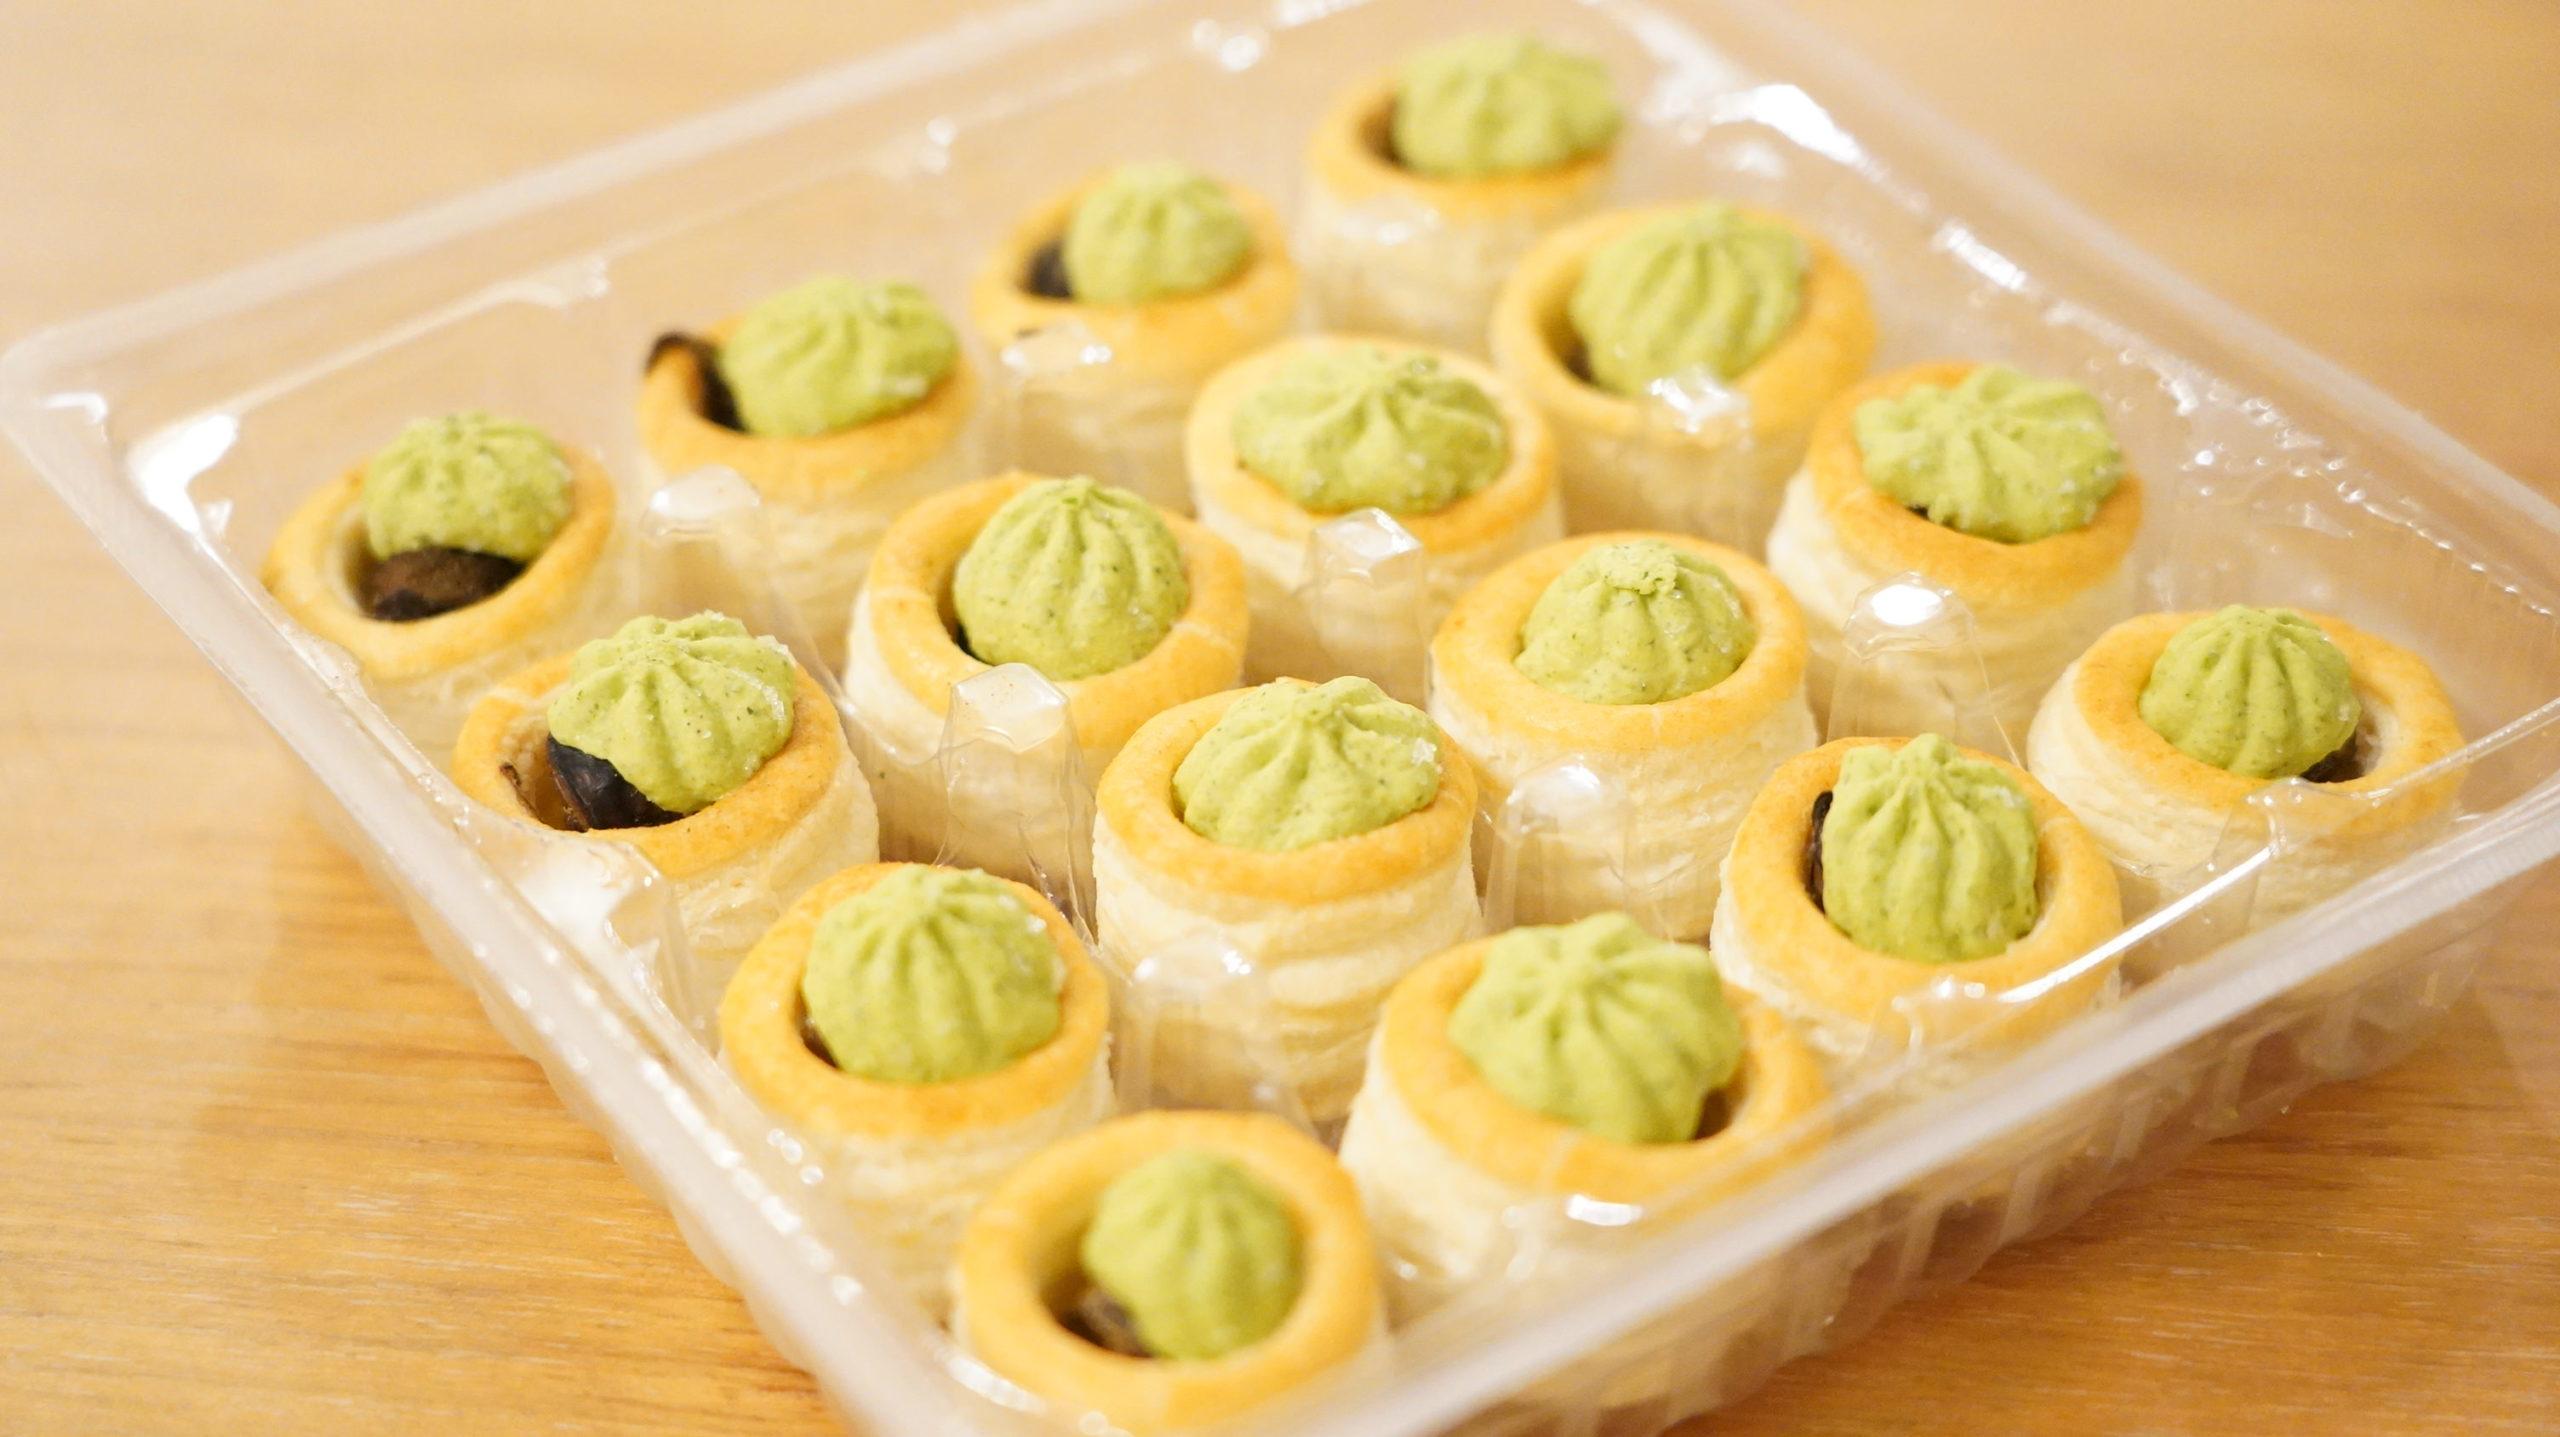 ピカールの冷凍食品「エスカルゴのミニパイ」の箱を開けた写真